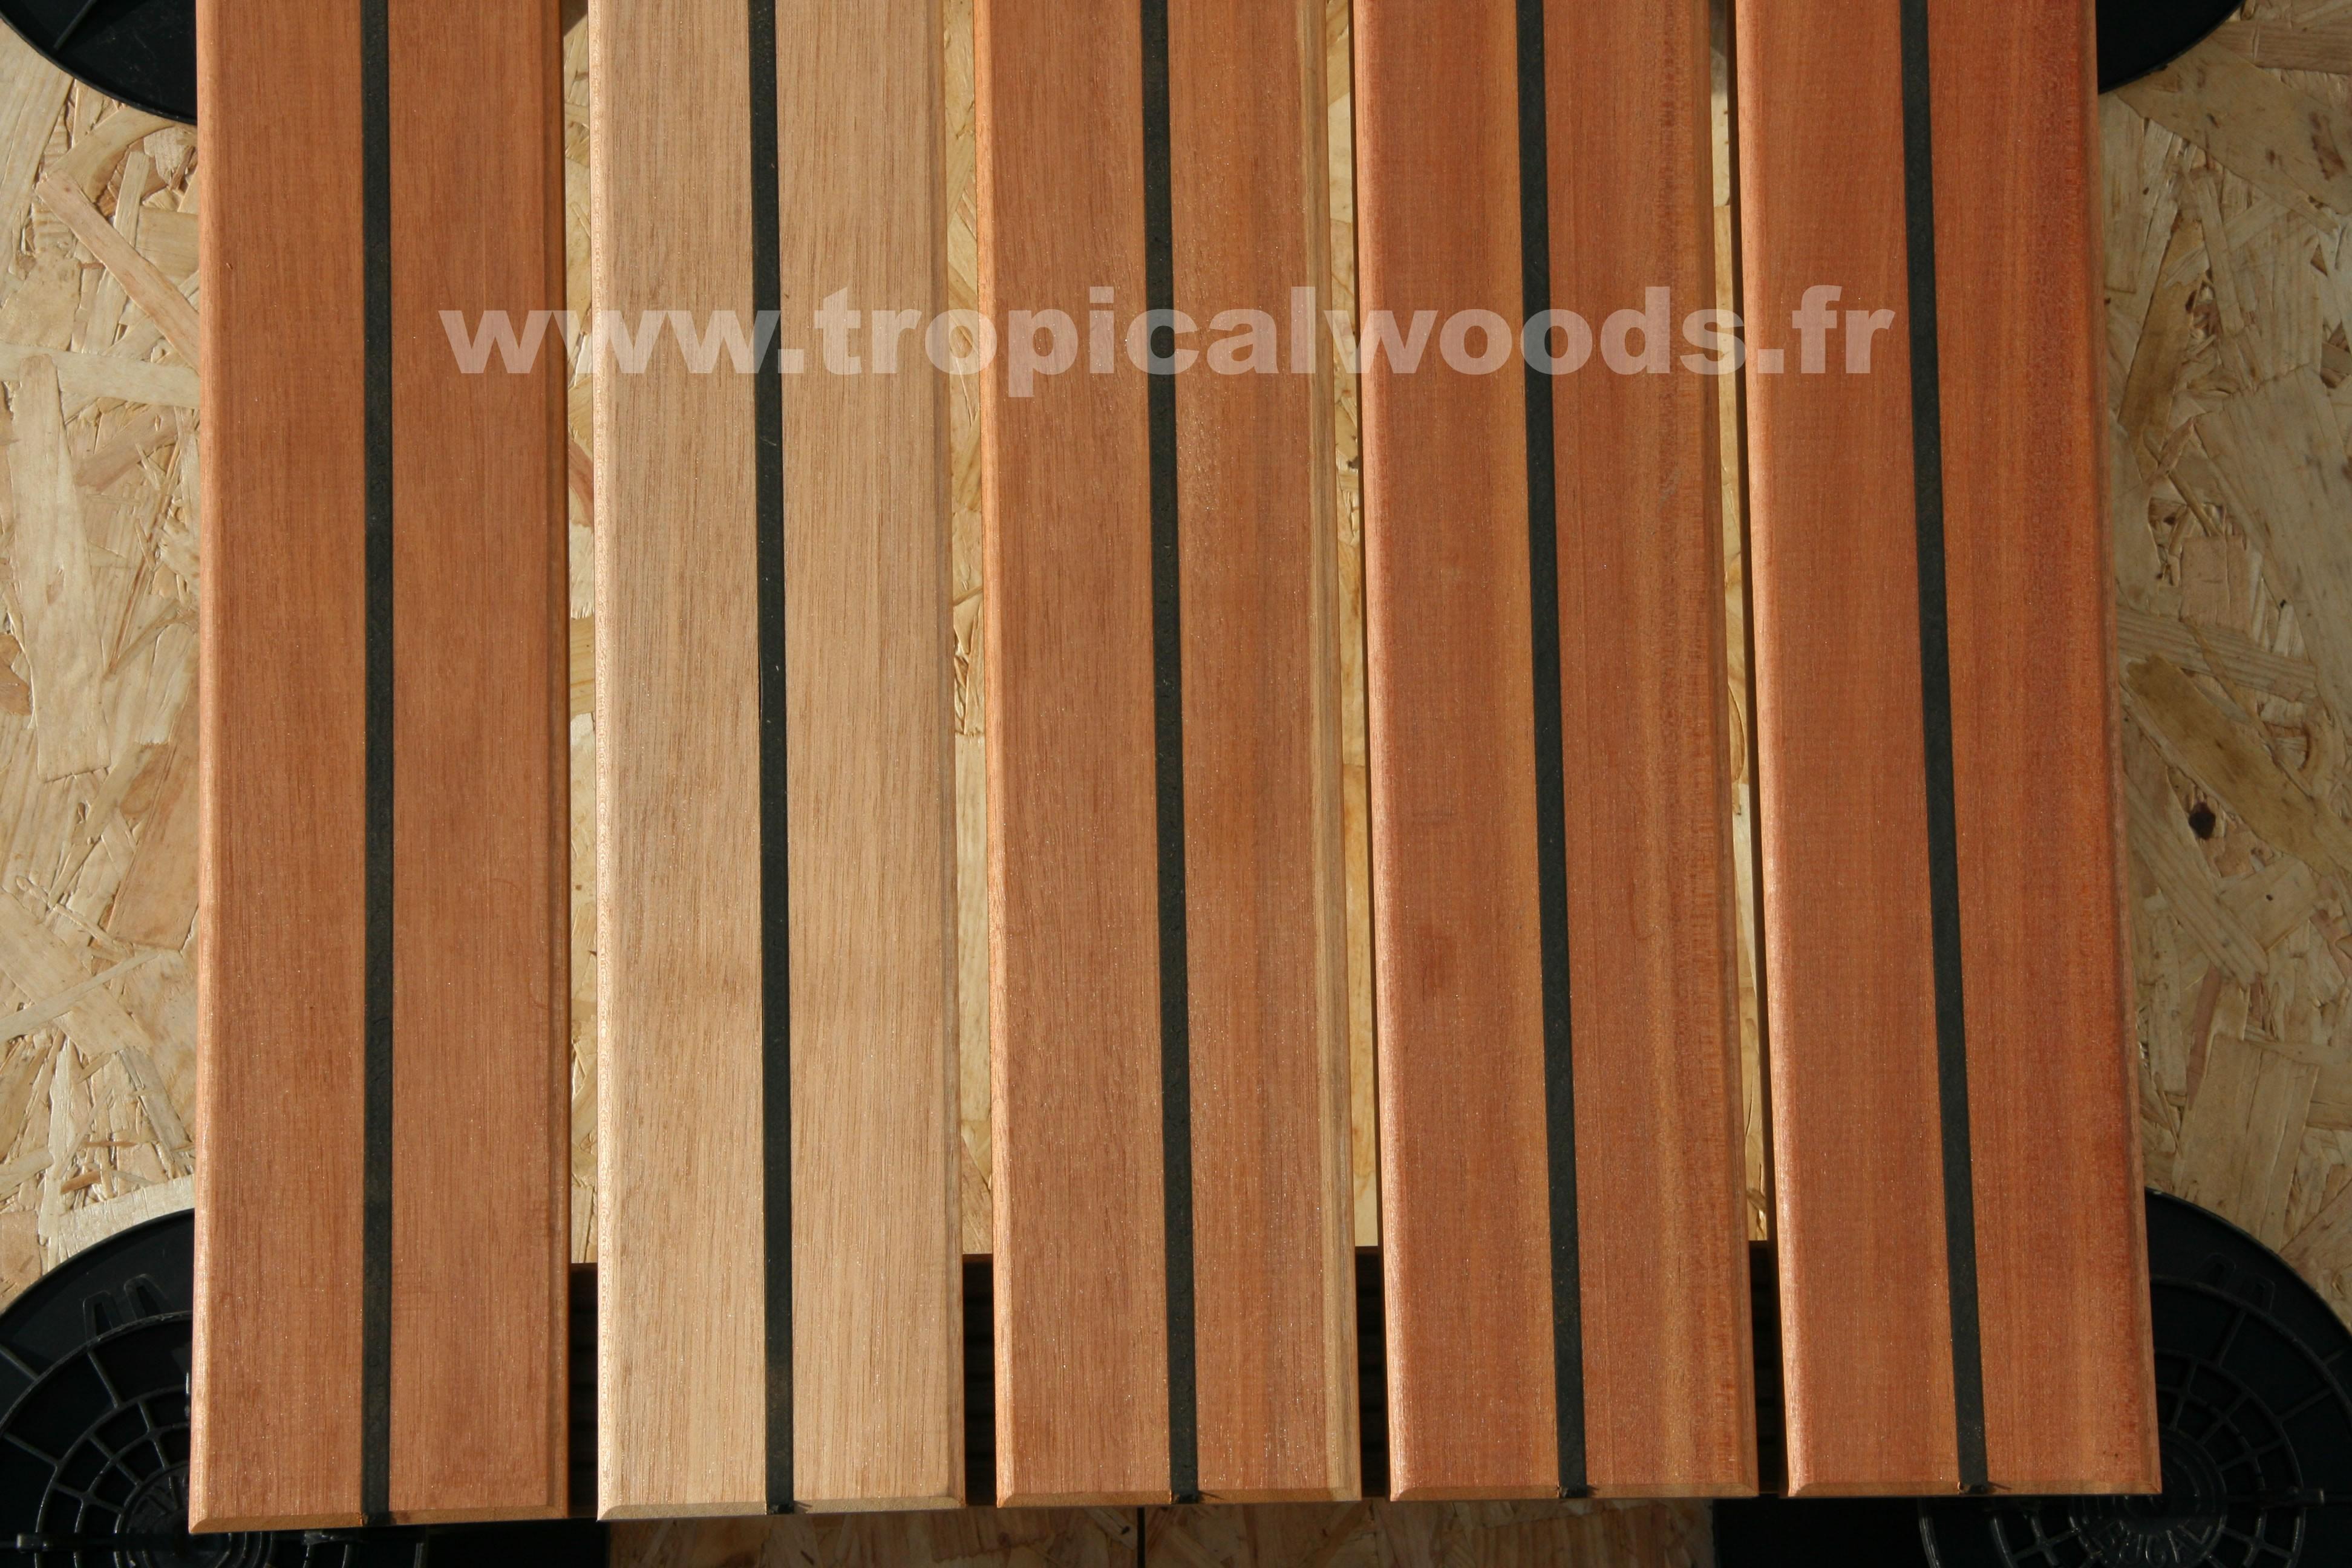 Terrasse - Lames parquet massif Chene Pont de Bateau - 22 x 120 mm